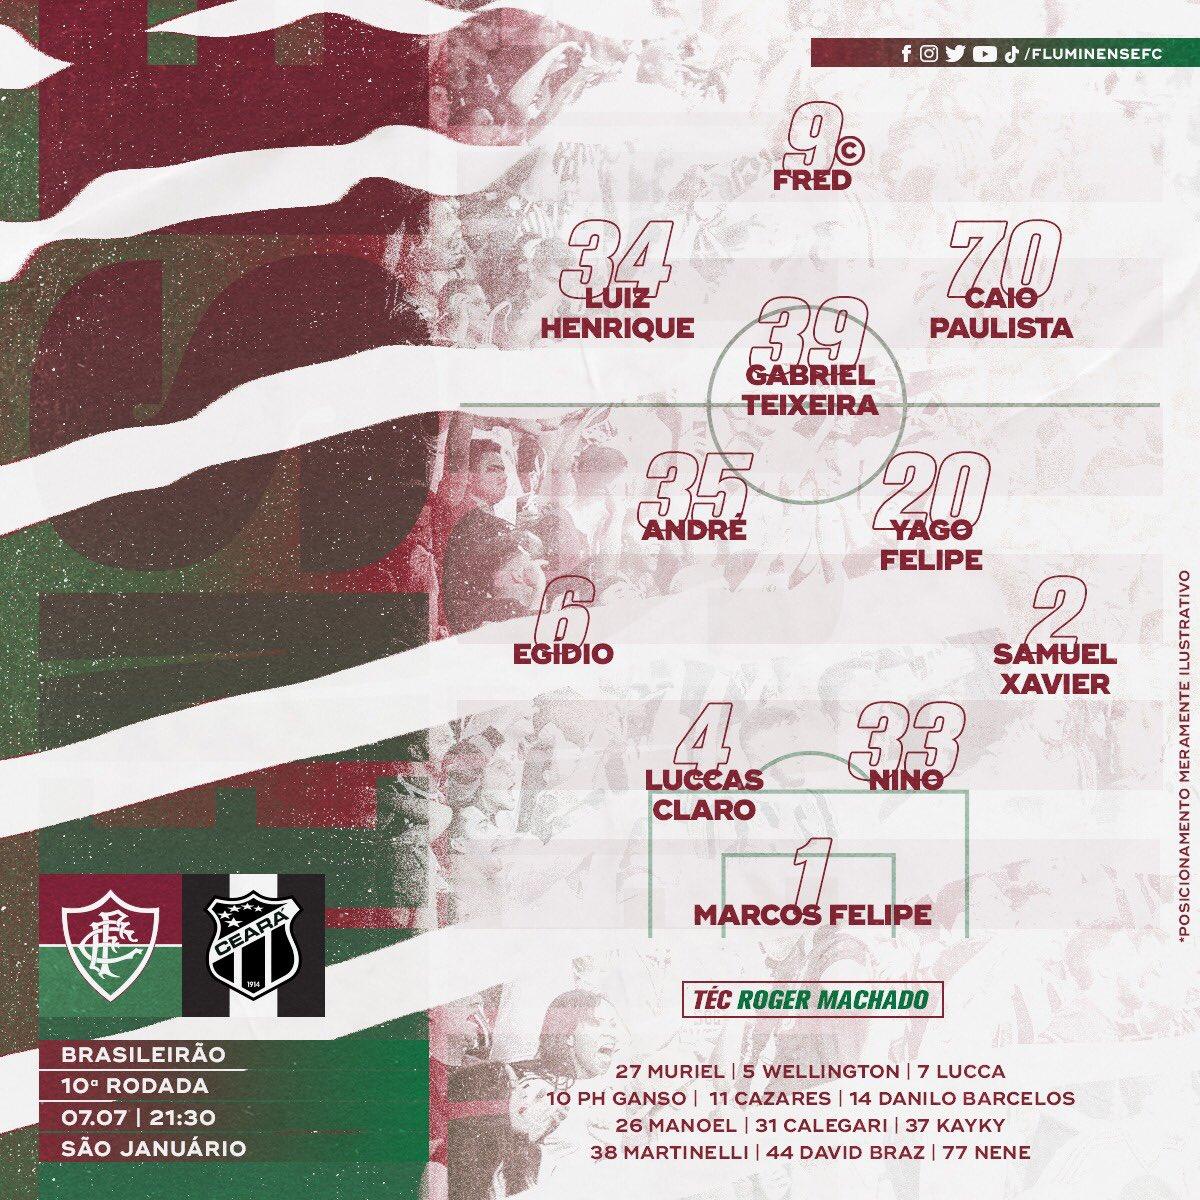 Fluminense escalado para pegar o Ceará pela Série A